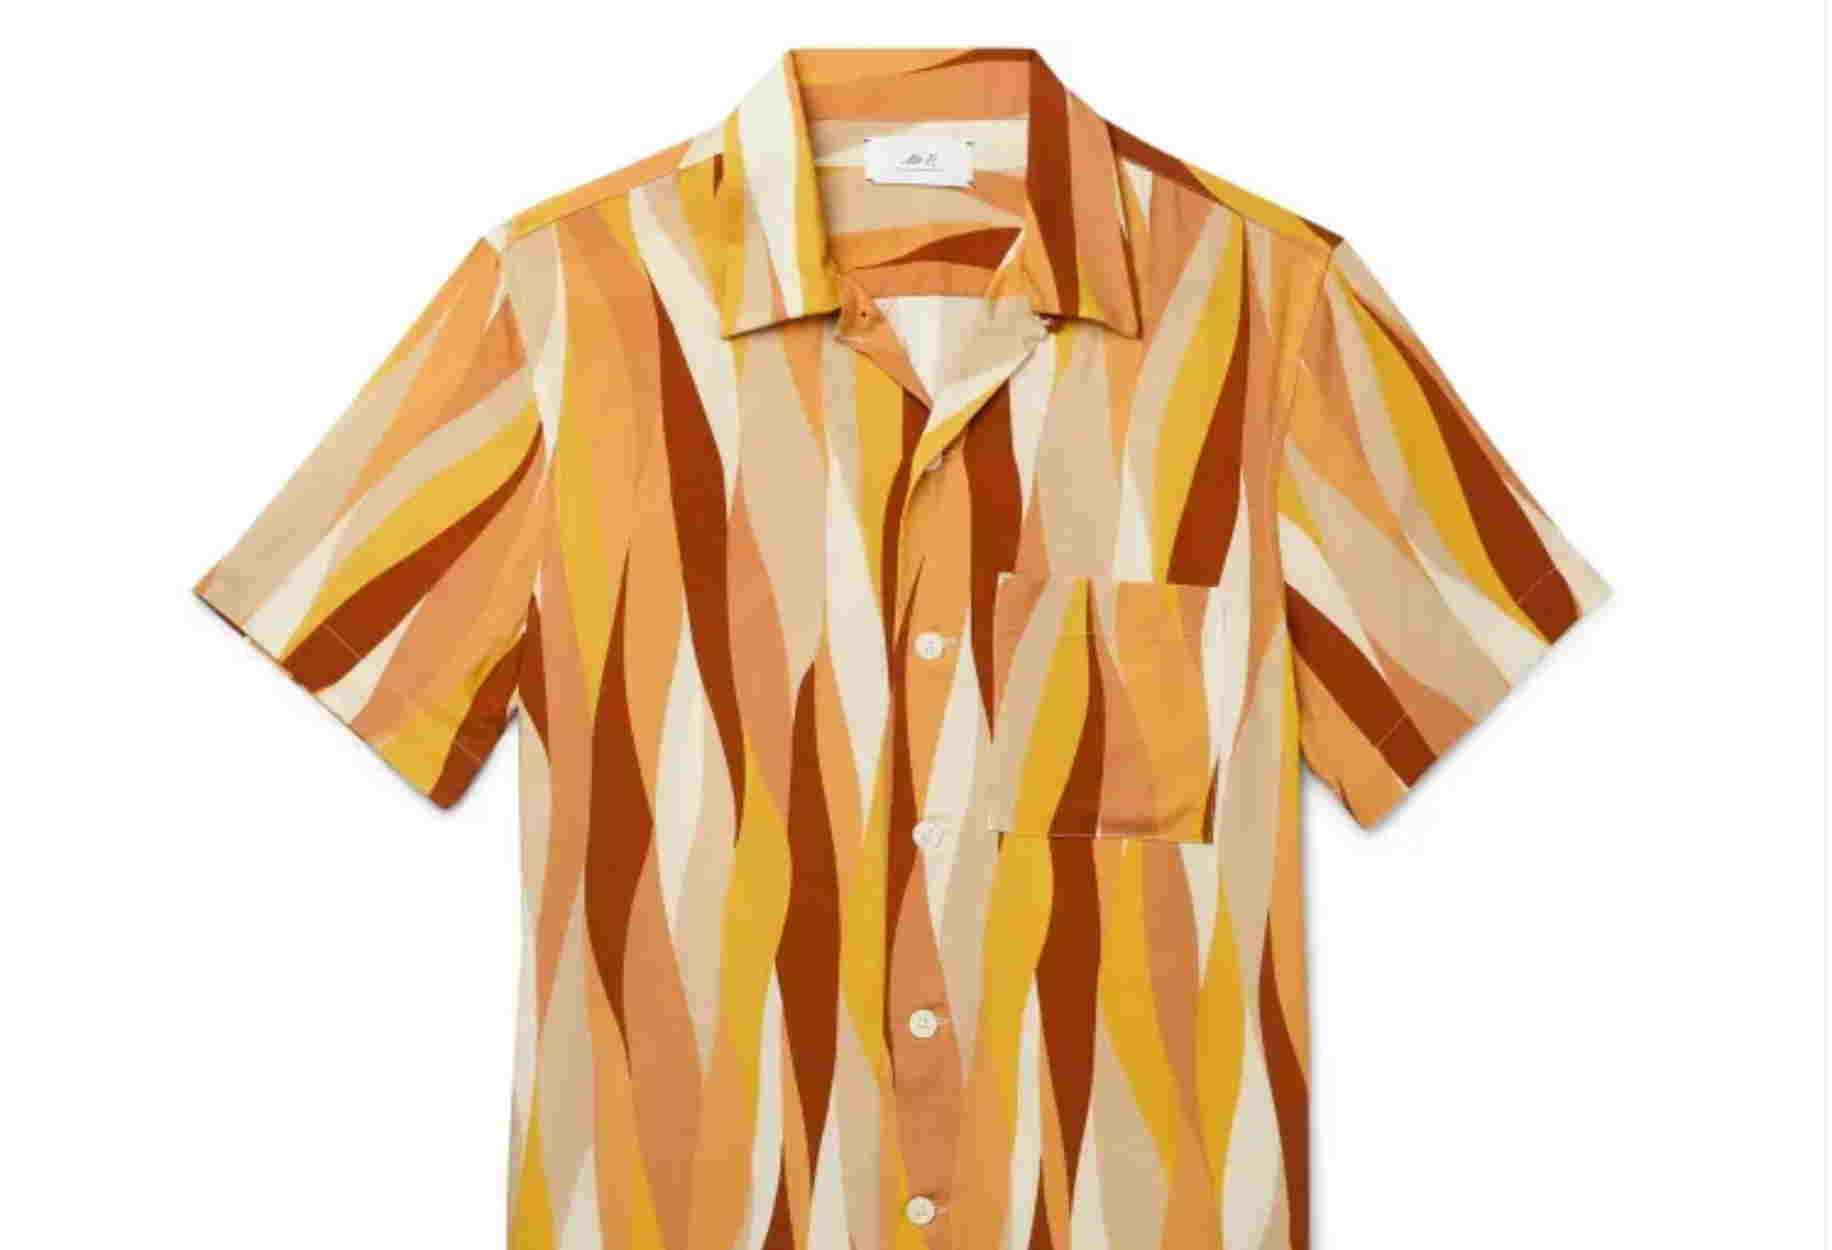 Τα εμπριμέ πουκάμισα θα φορεθούν και αυτό το καλοκαίρι